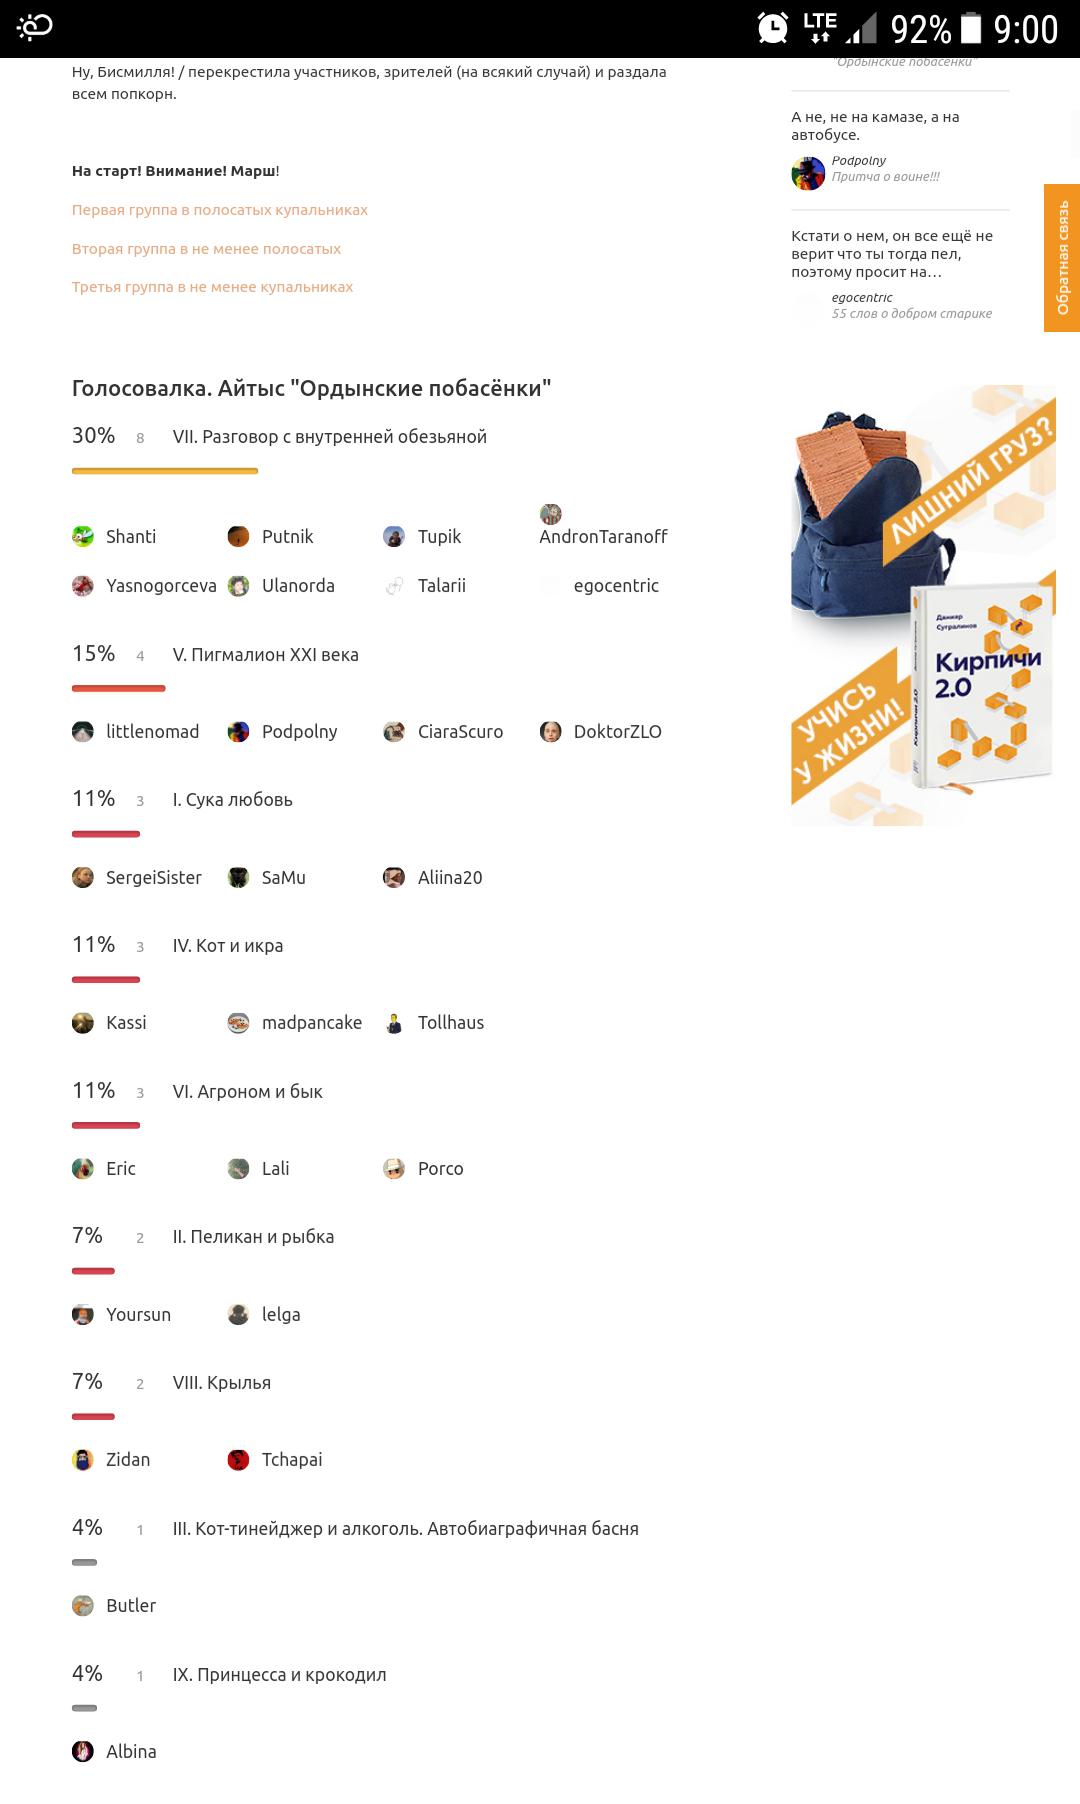 Итоги голосования. Айтыс